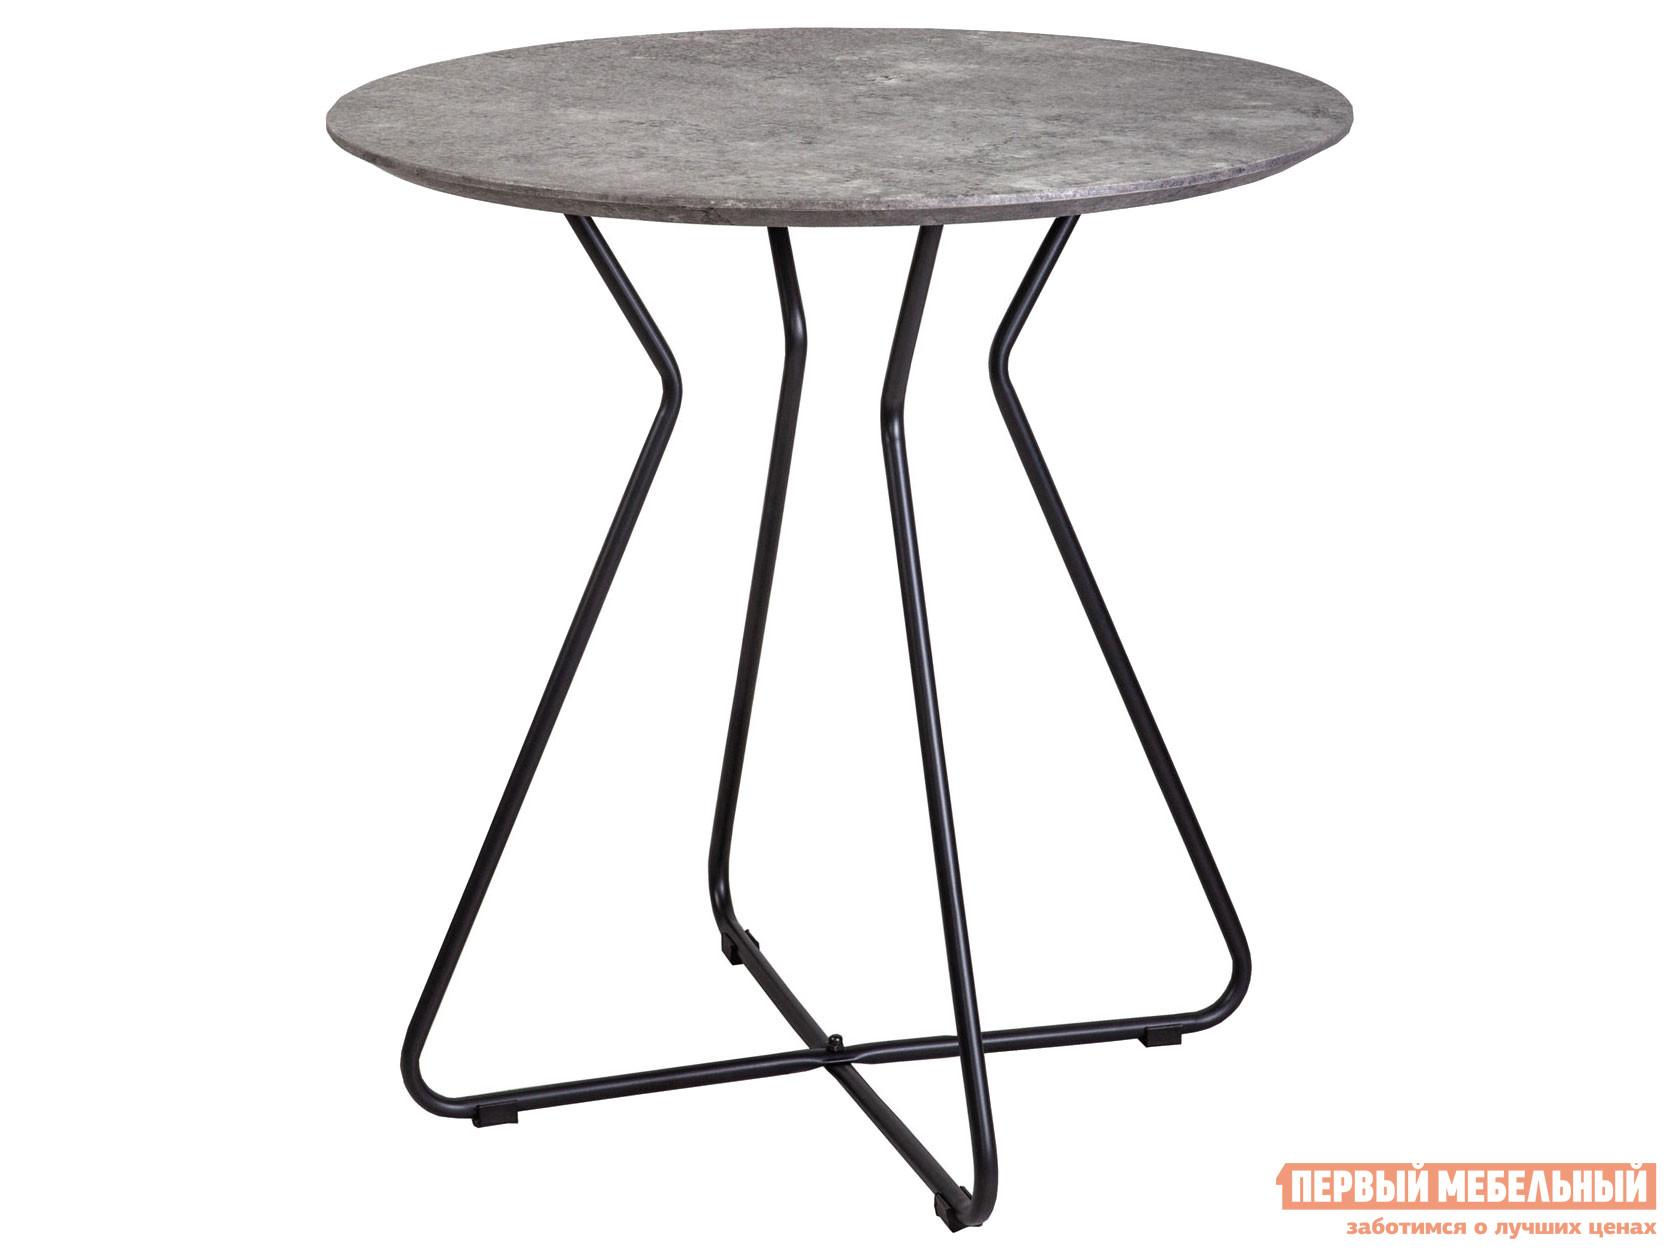 Журнальный столик Первый Мебельный Стол журнальный GALA